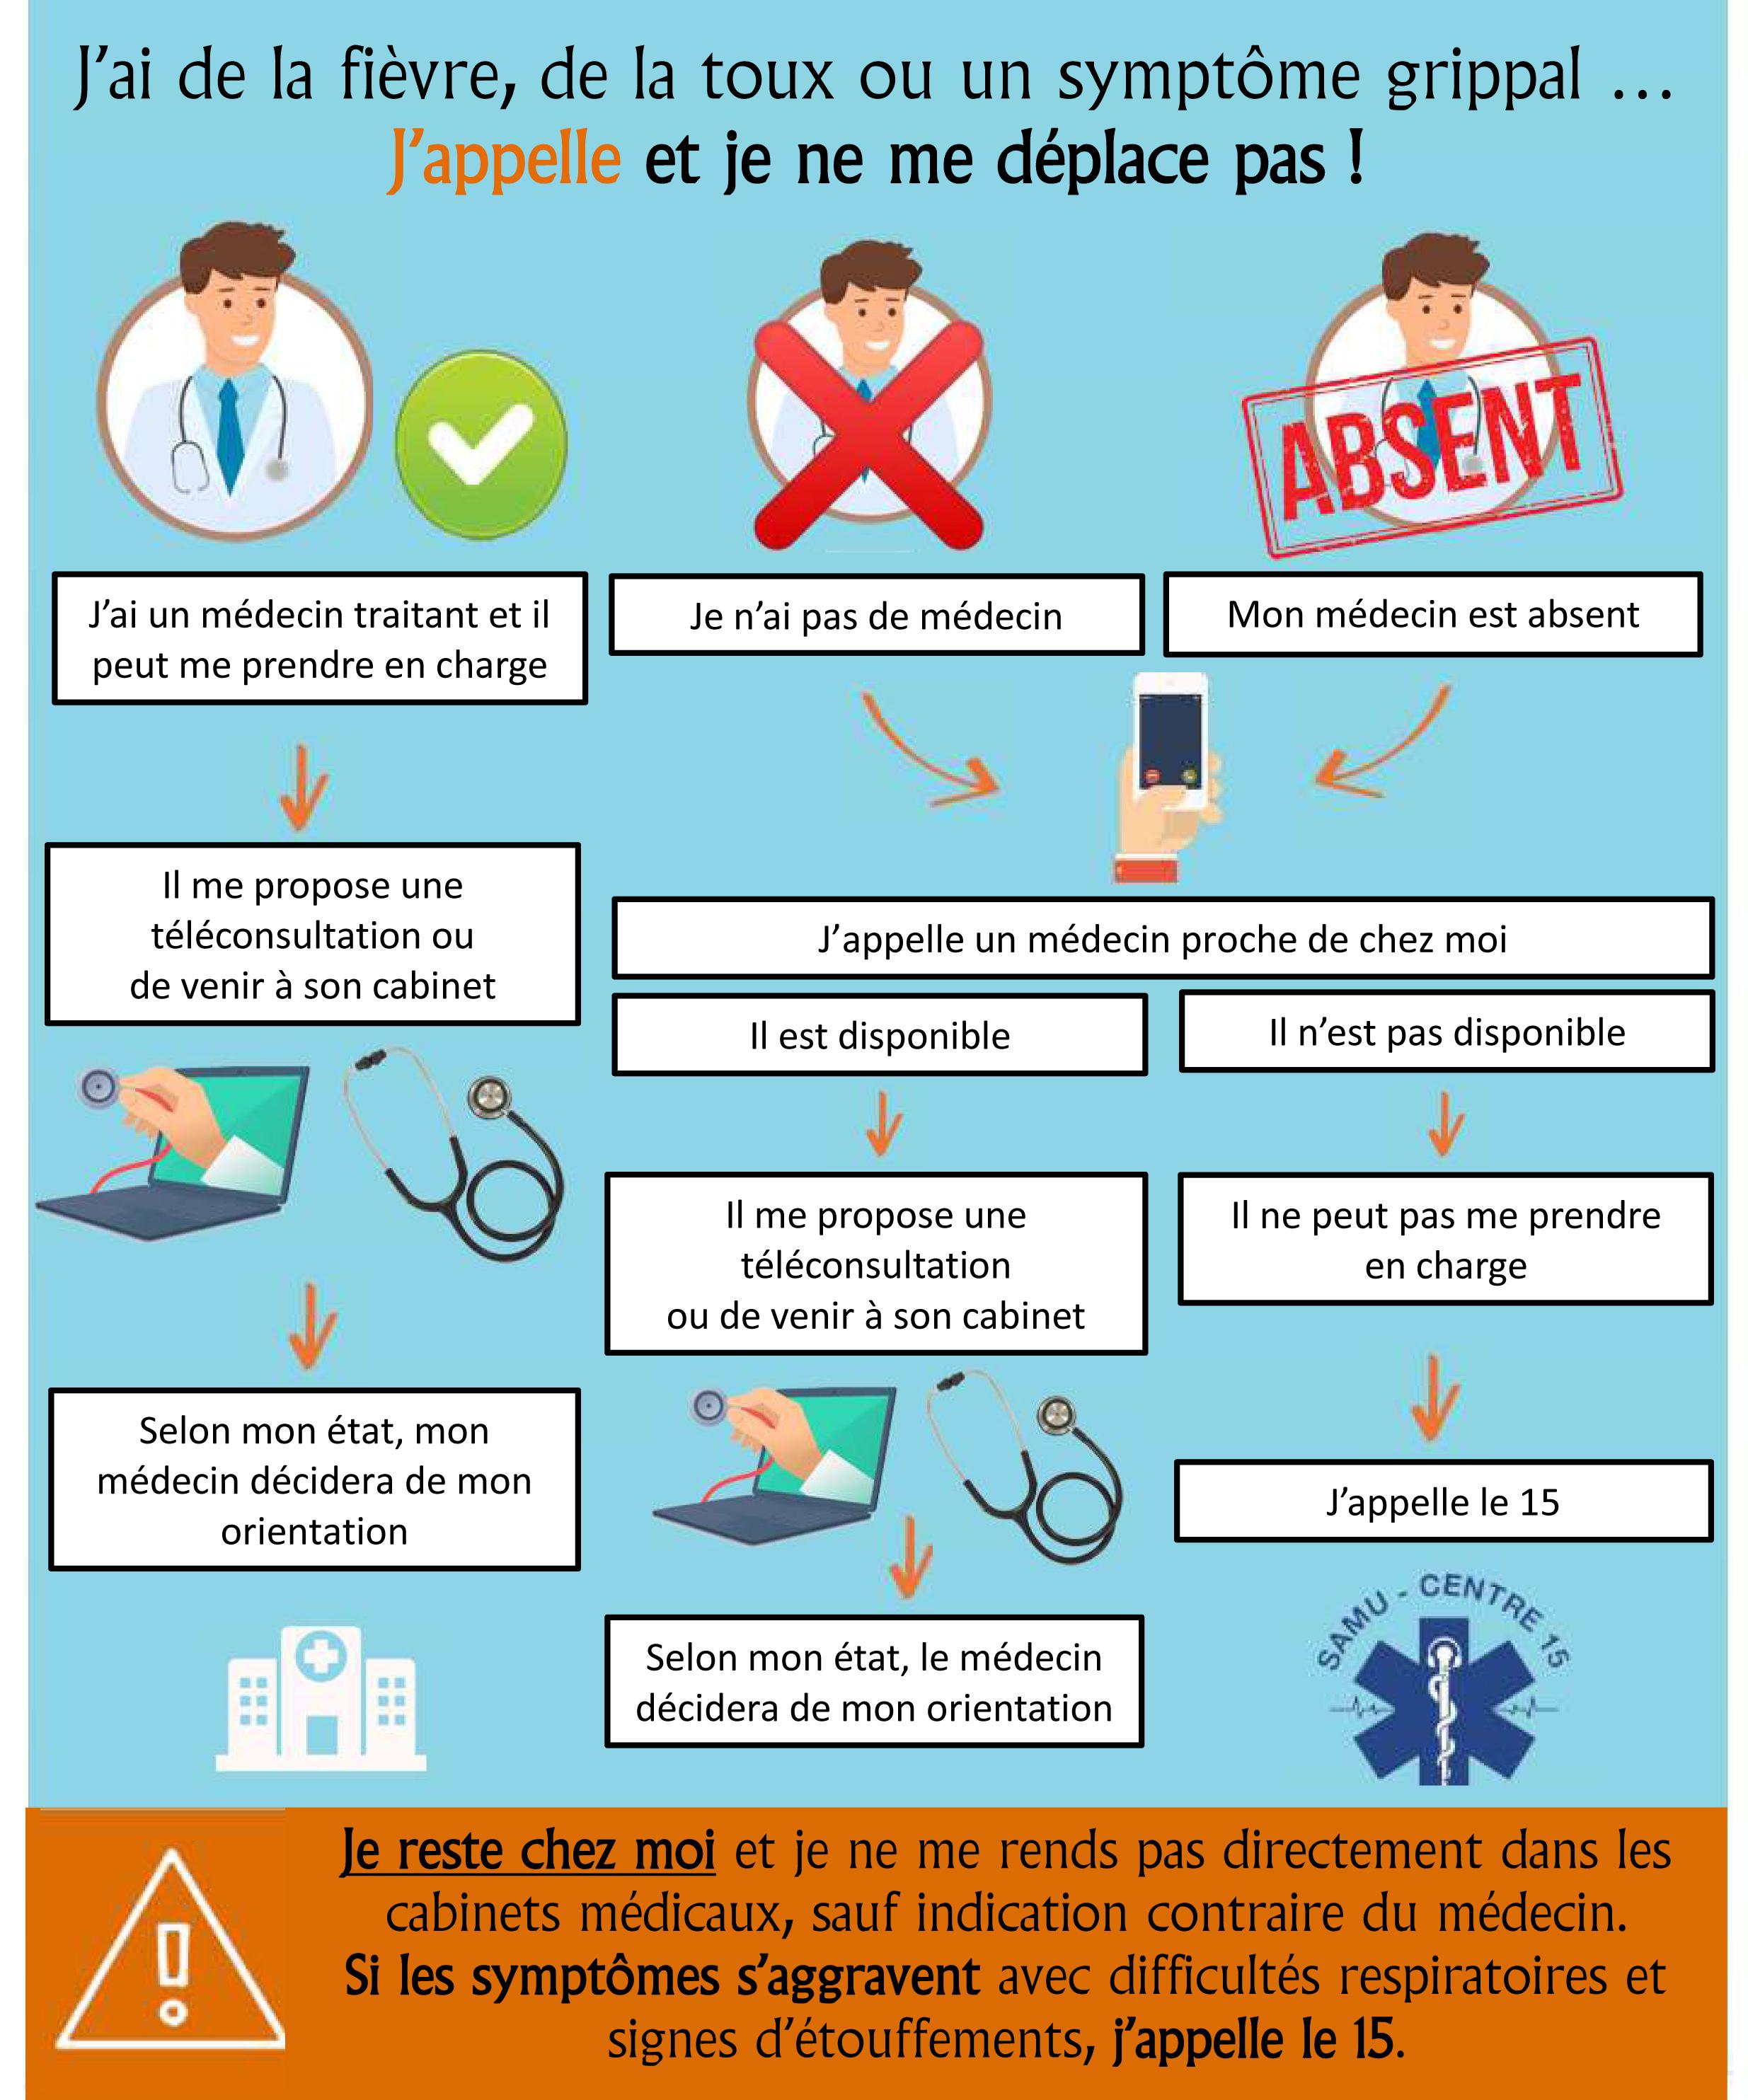 Affiche conduite a tenir en cas de fievre- toux- symptome grippal